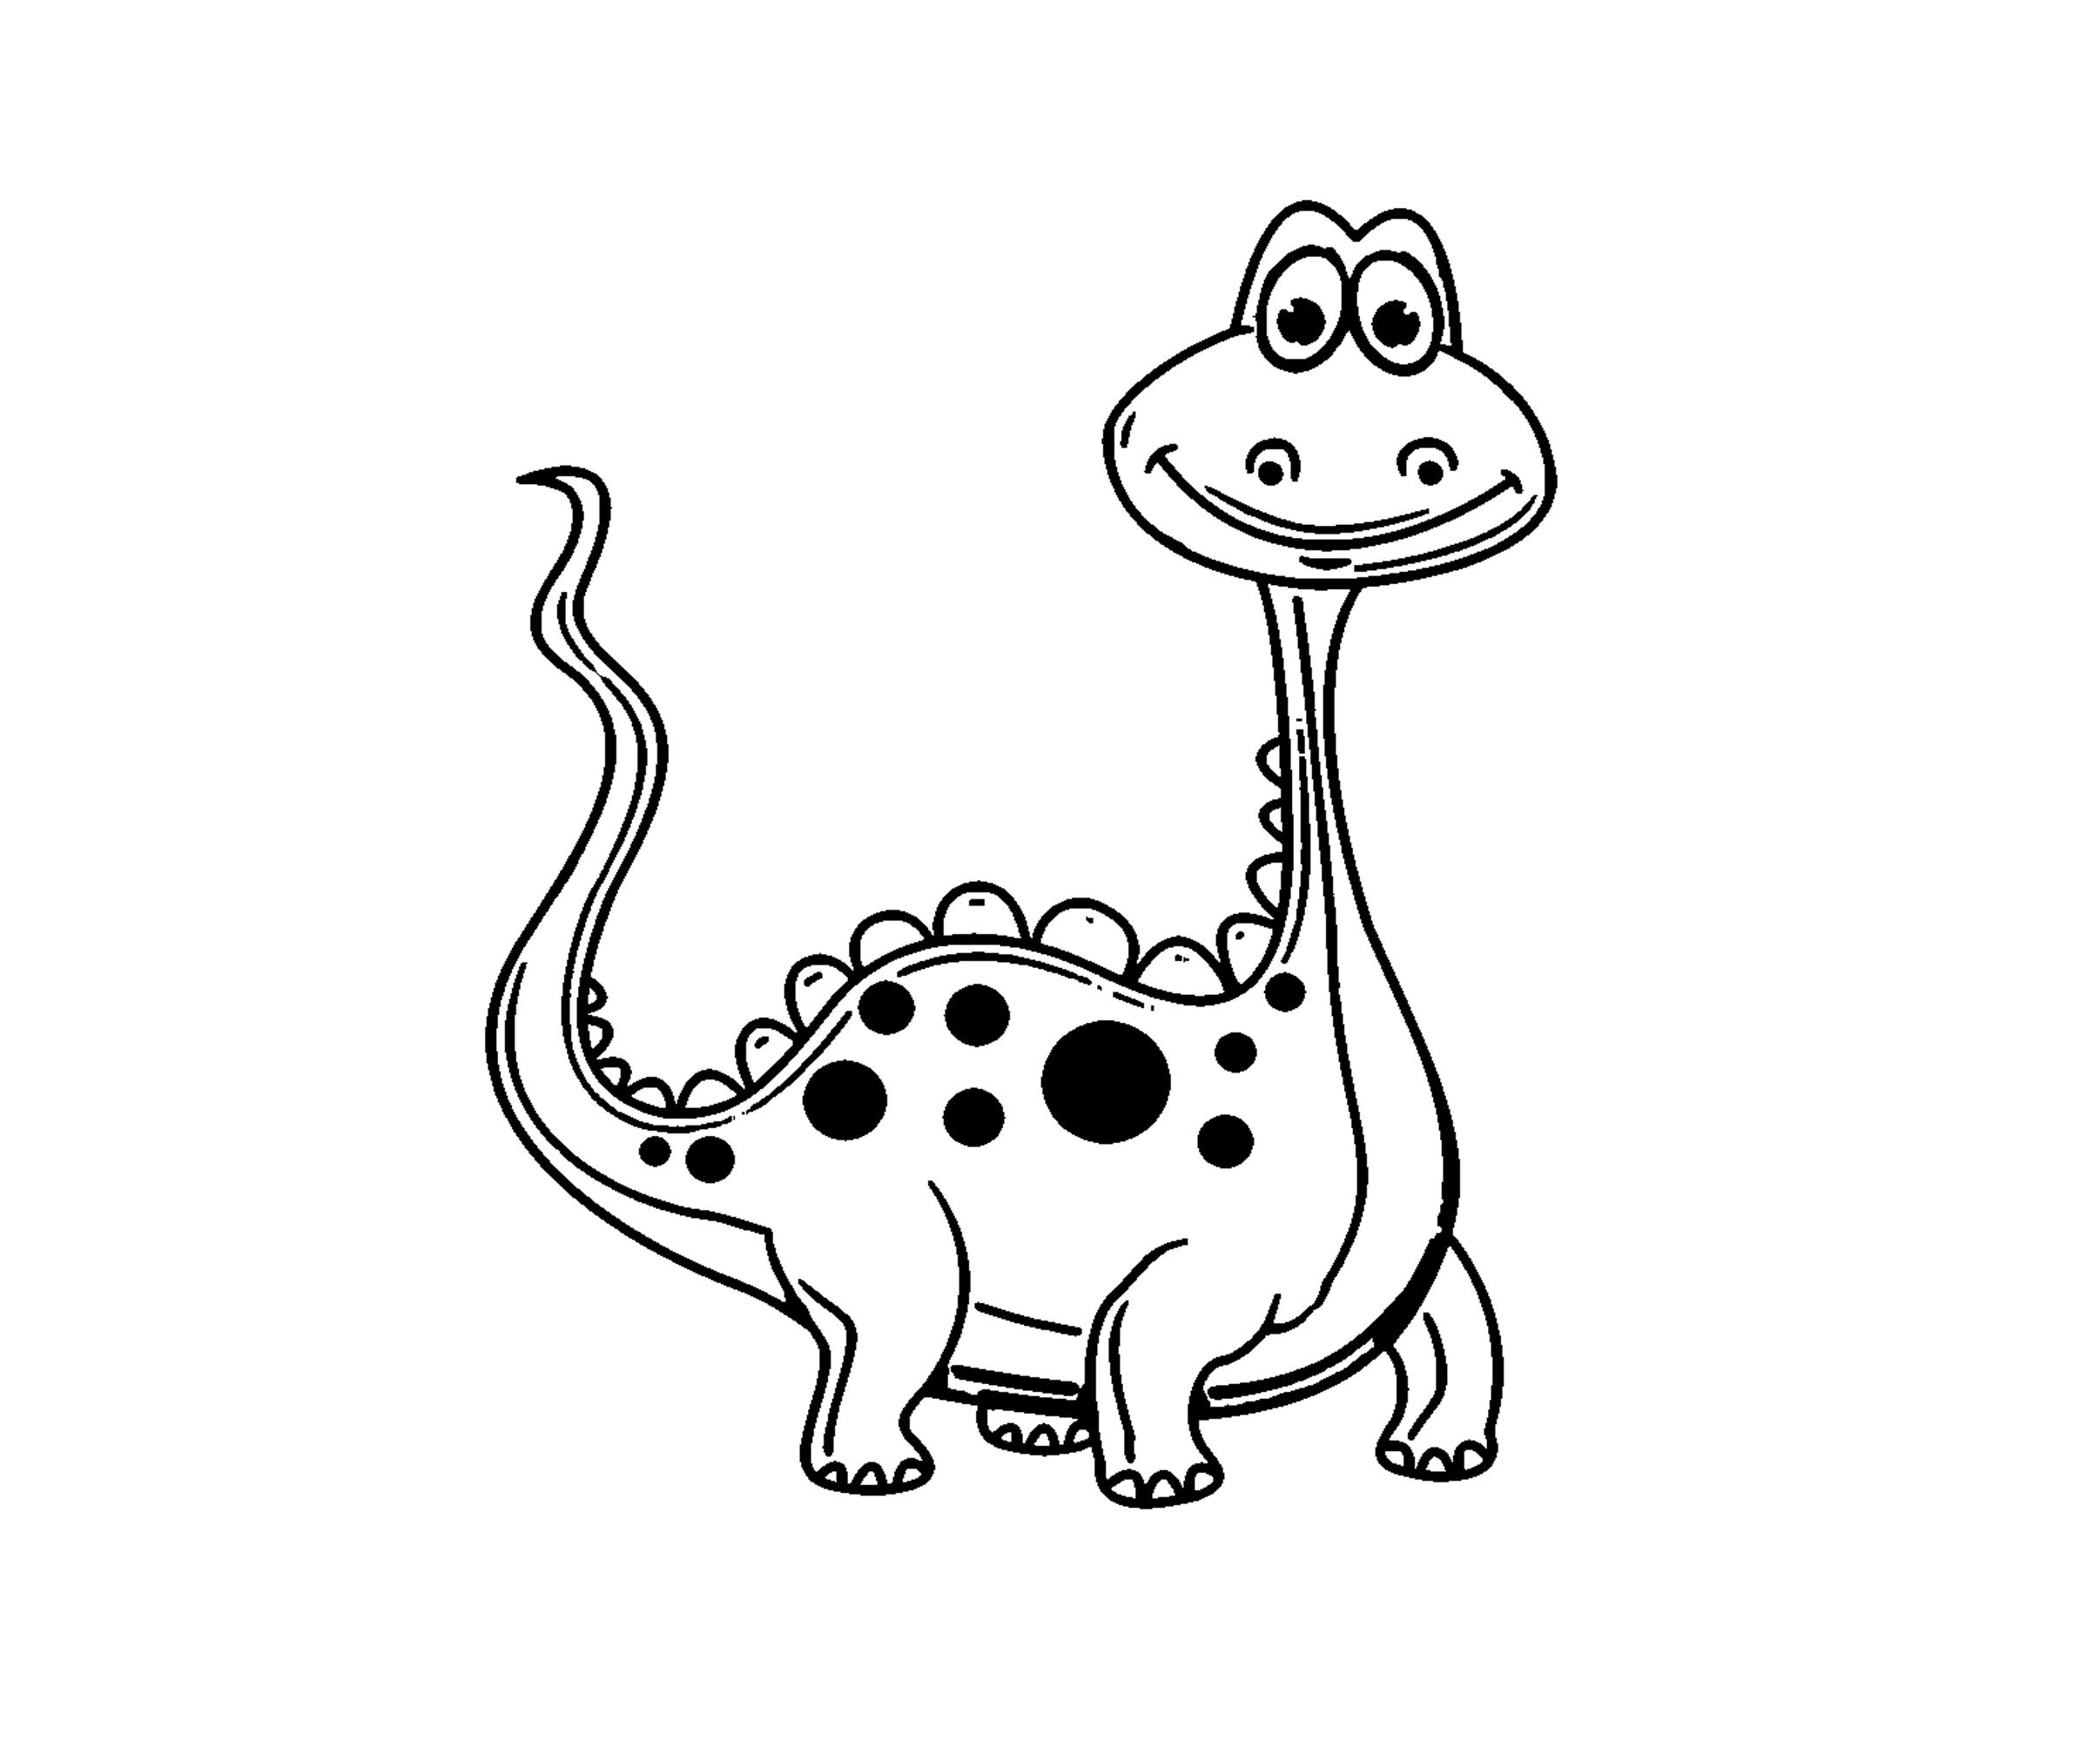 Dinosaurier Ausmalbilder Kostenlos Malvorlagen Windowcolor zum Drucken